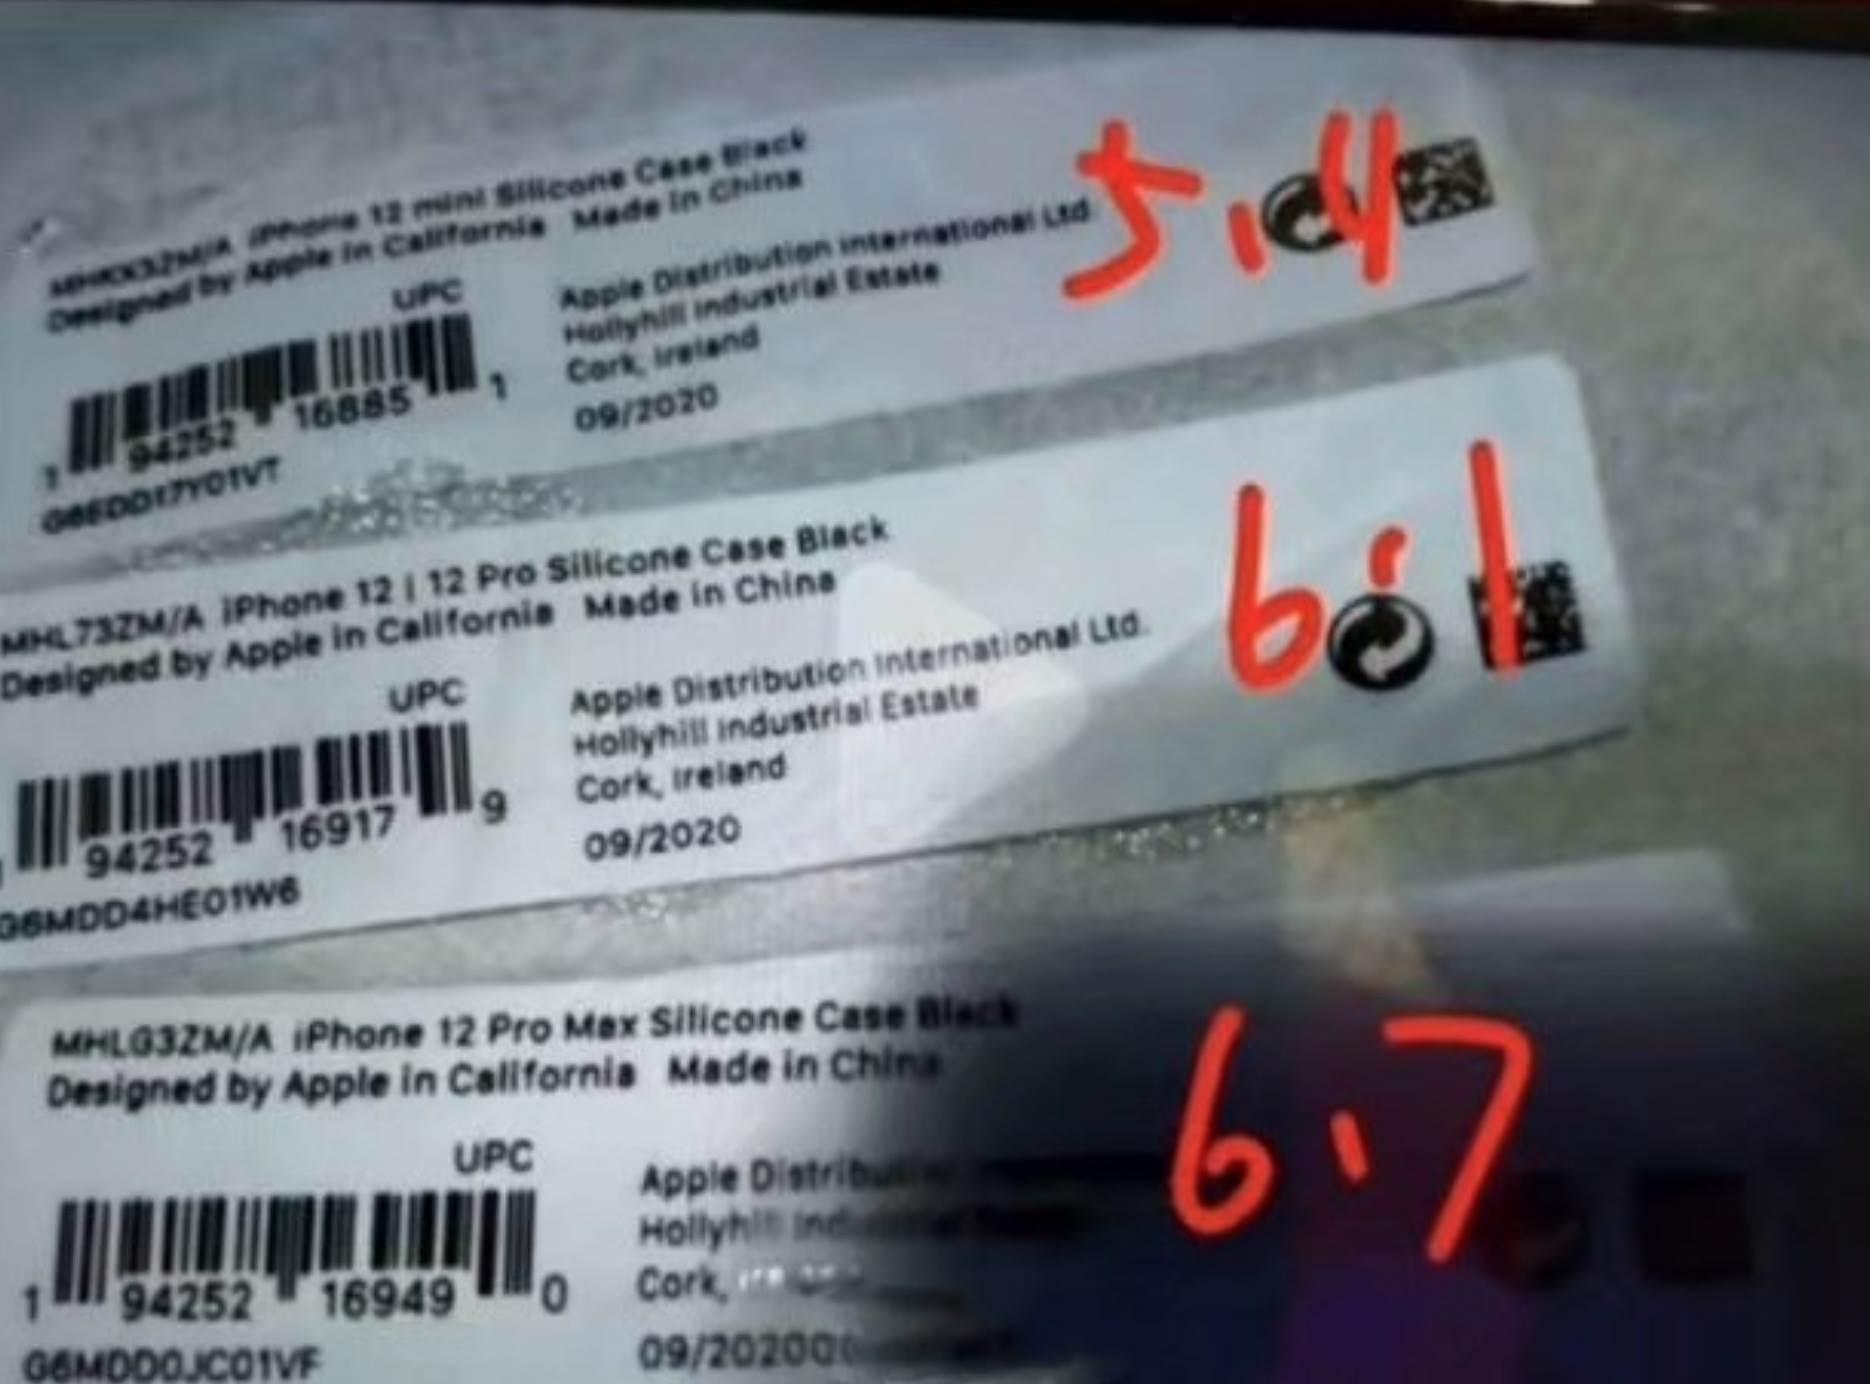 Zdjęcie naklejek z markowych etui Apple zdradza nazwy wszystkich tegorocznych iPhone?ów polecane, ciekawostki nazwy iPhone 12, iPhone 12 Pro Max, iPhone 12 Pro, iPhone 12, iPhoen 12 mini, etui  Informator DuanRui opublikował na Twitterze zdjęcie naklejek z markowych silikonowych etui firmy Apple, zdradzając tym samym nazwy wszystkich tegorocznych iPhone?ów. 1@2x 57